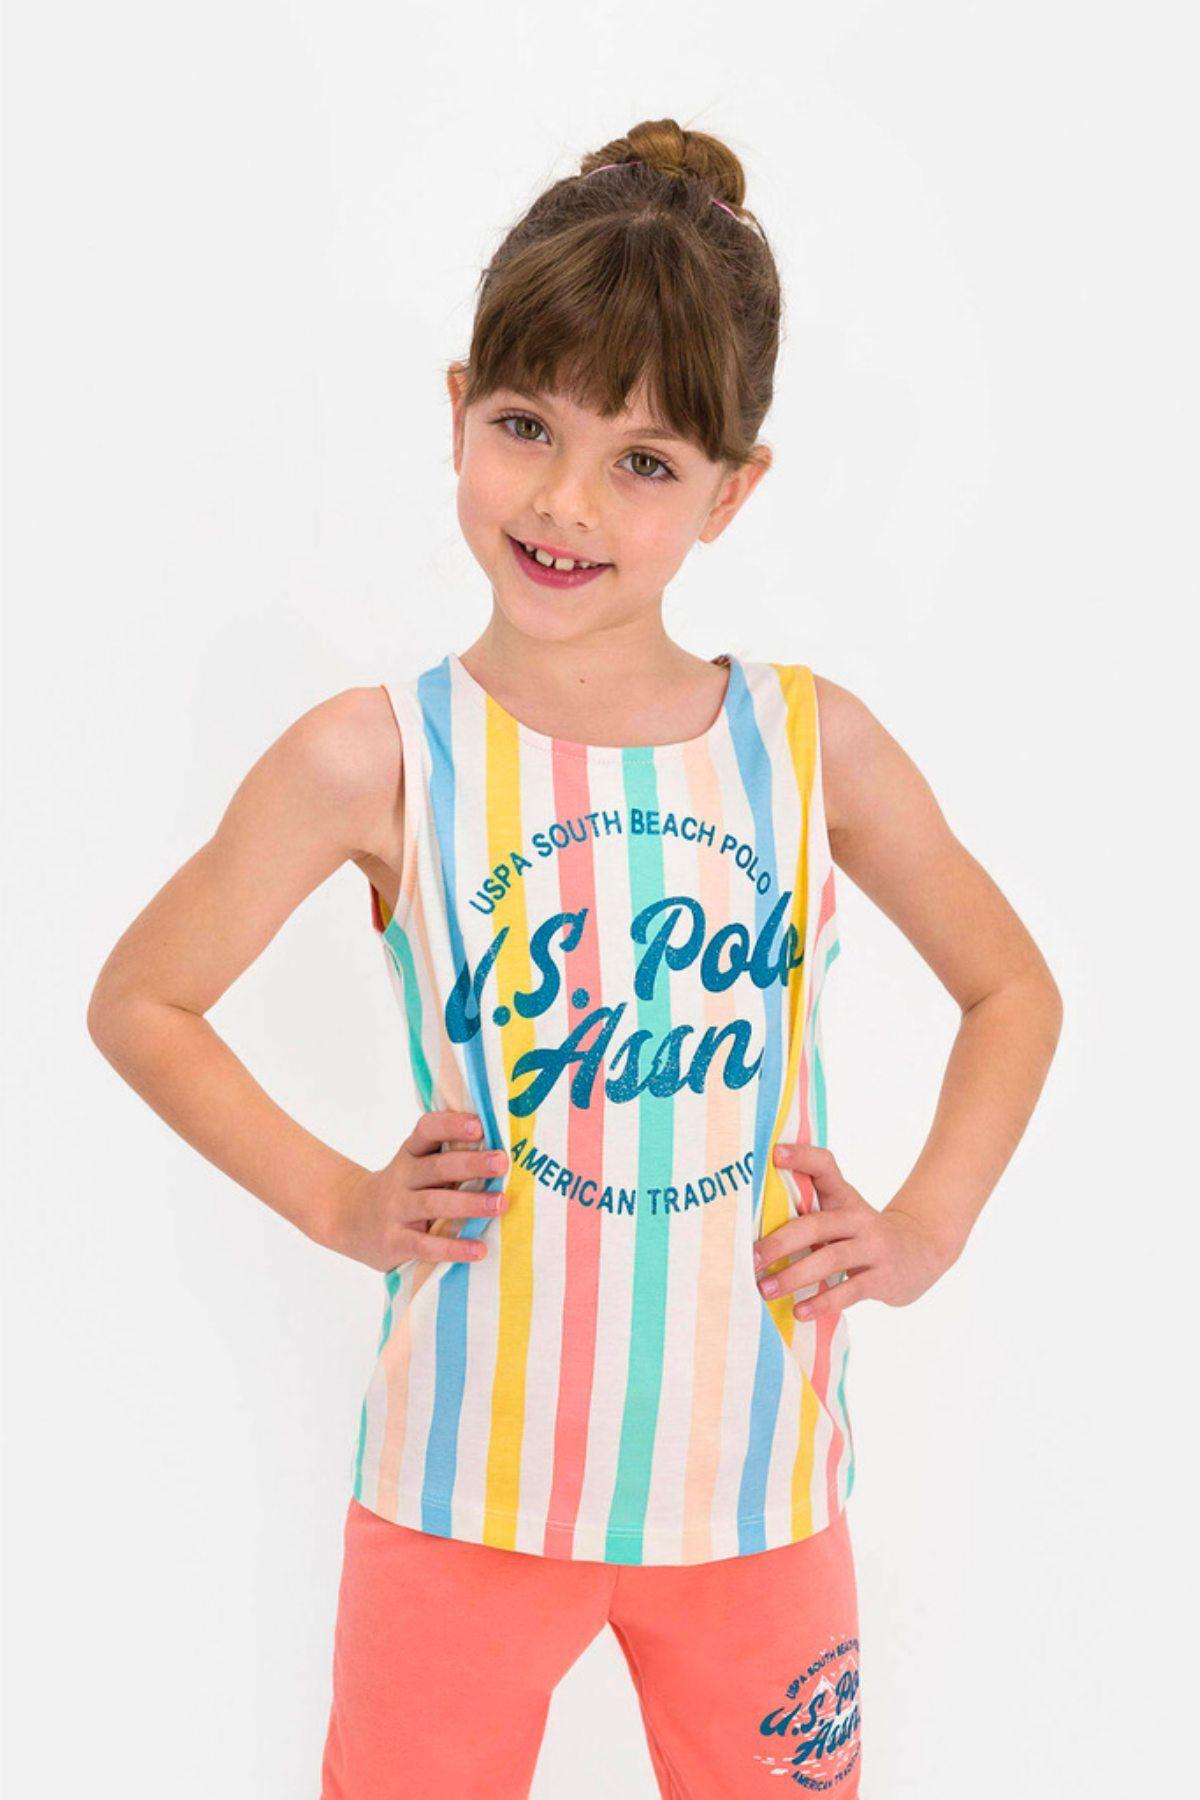 9-15 Yaş Us Polo ASSN Lisanslı Turuncu Şerit Kız Çocuk Takım